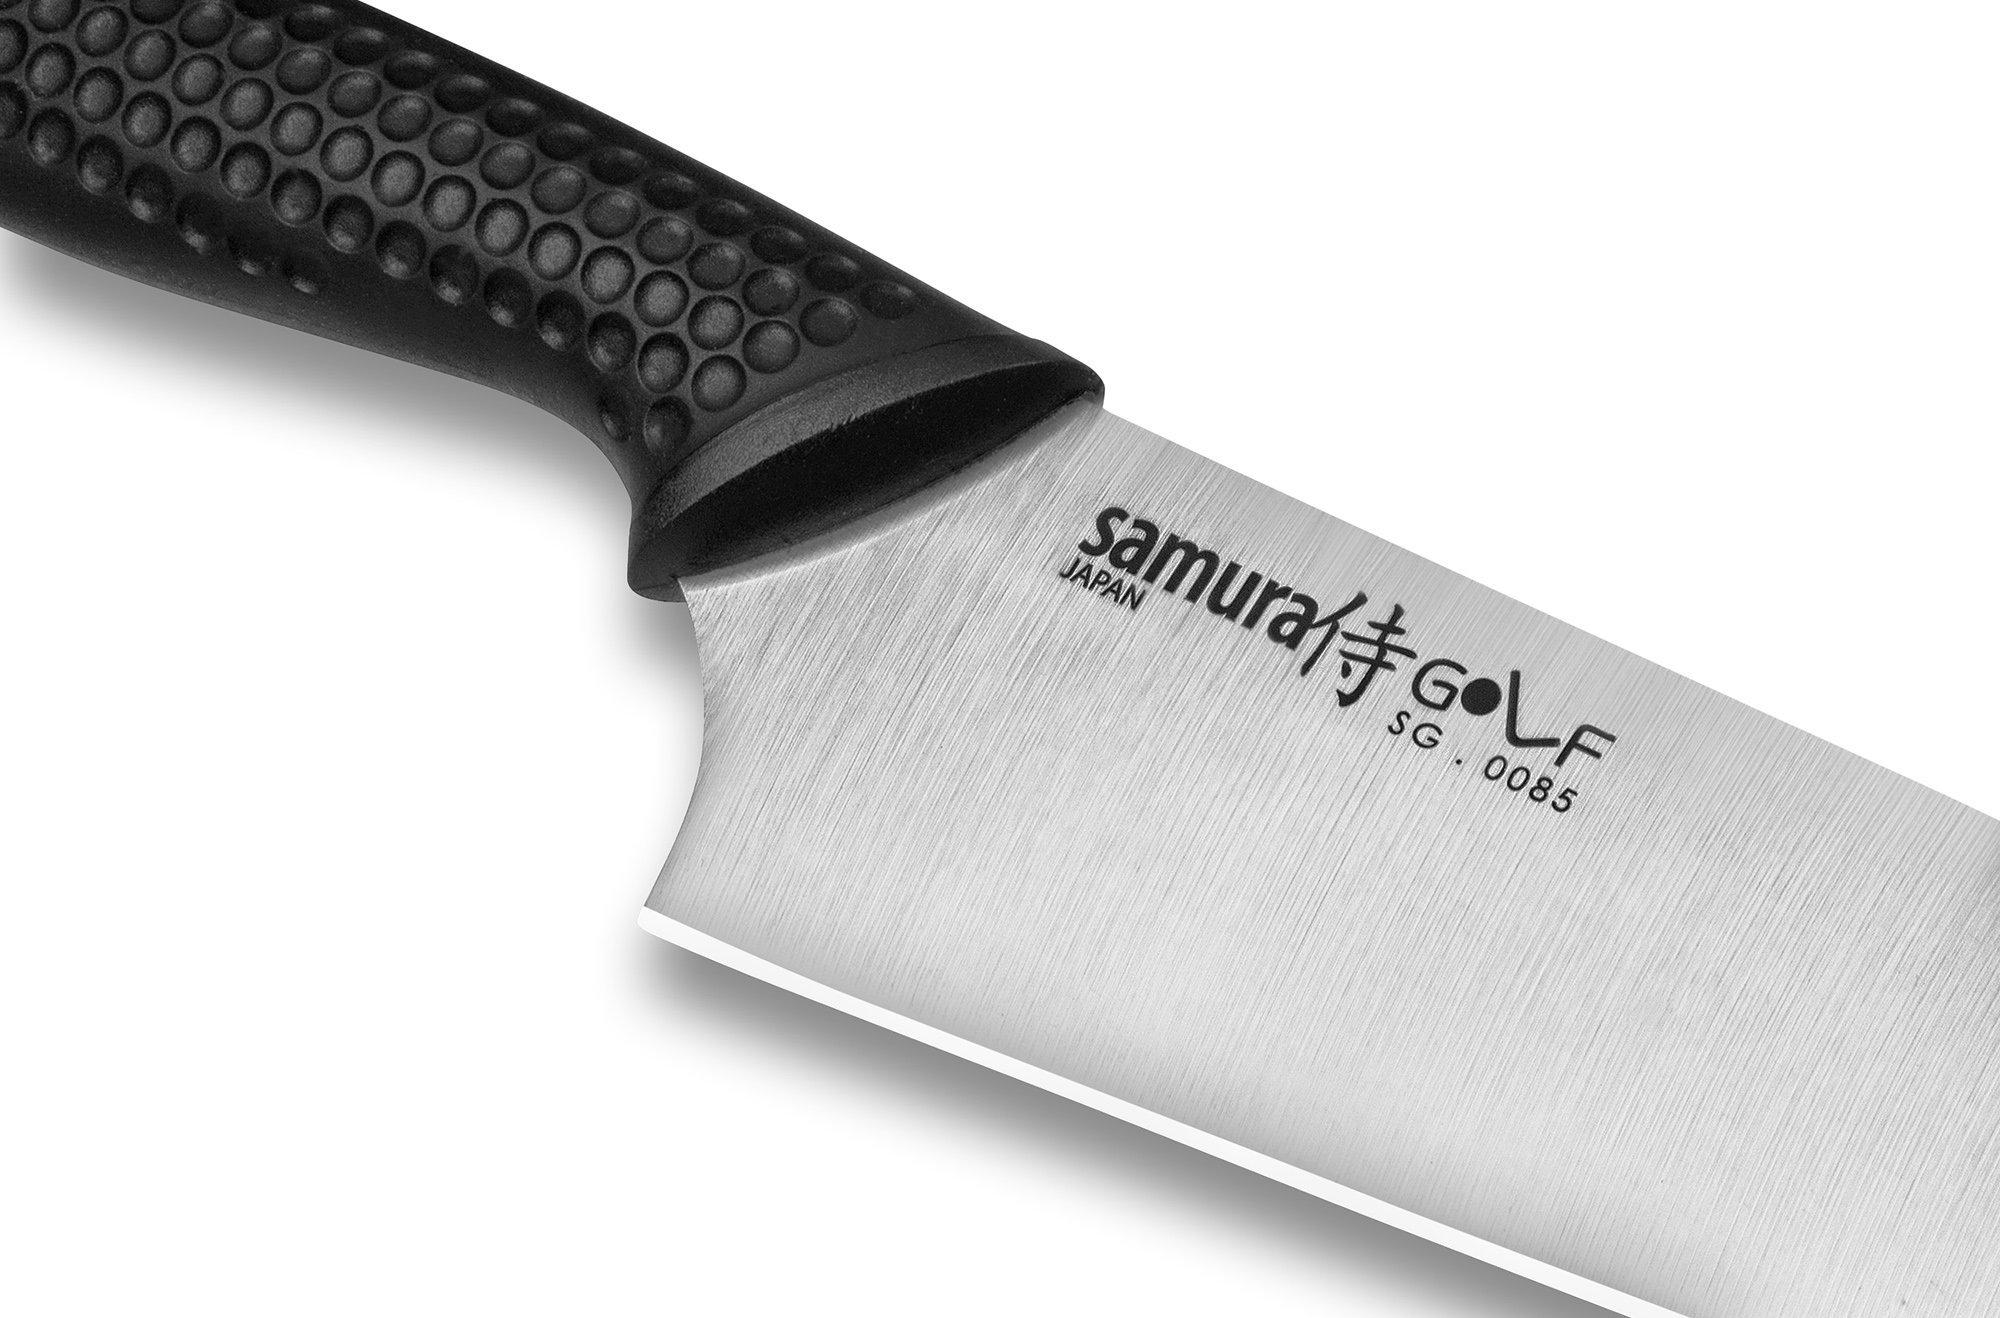 Фото 3 - Нож Шеф Samura GOLF - SG-0085/K, сталь AUS-8, рукоять полипропилен, 221 мм